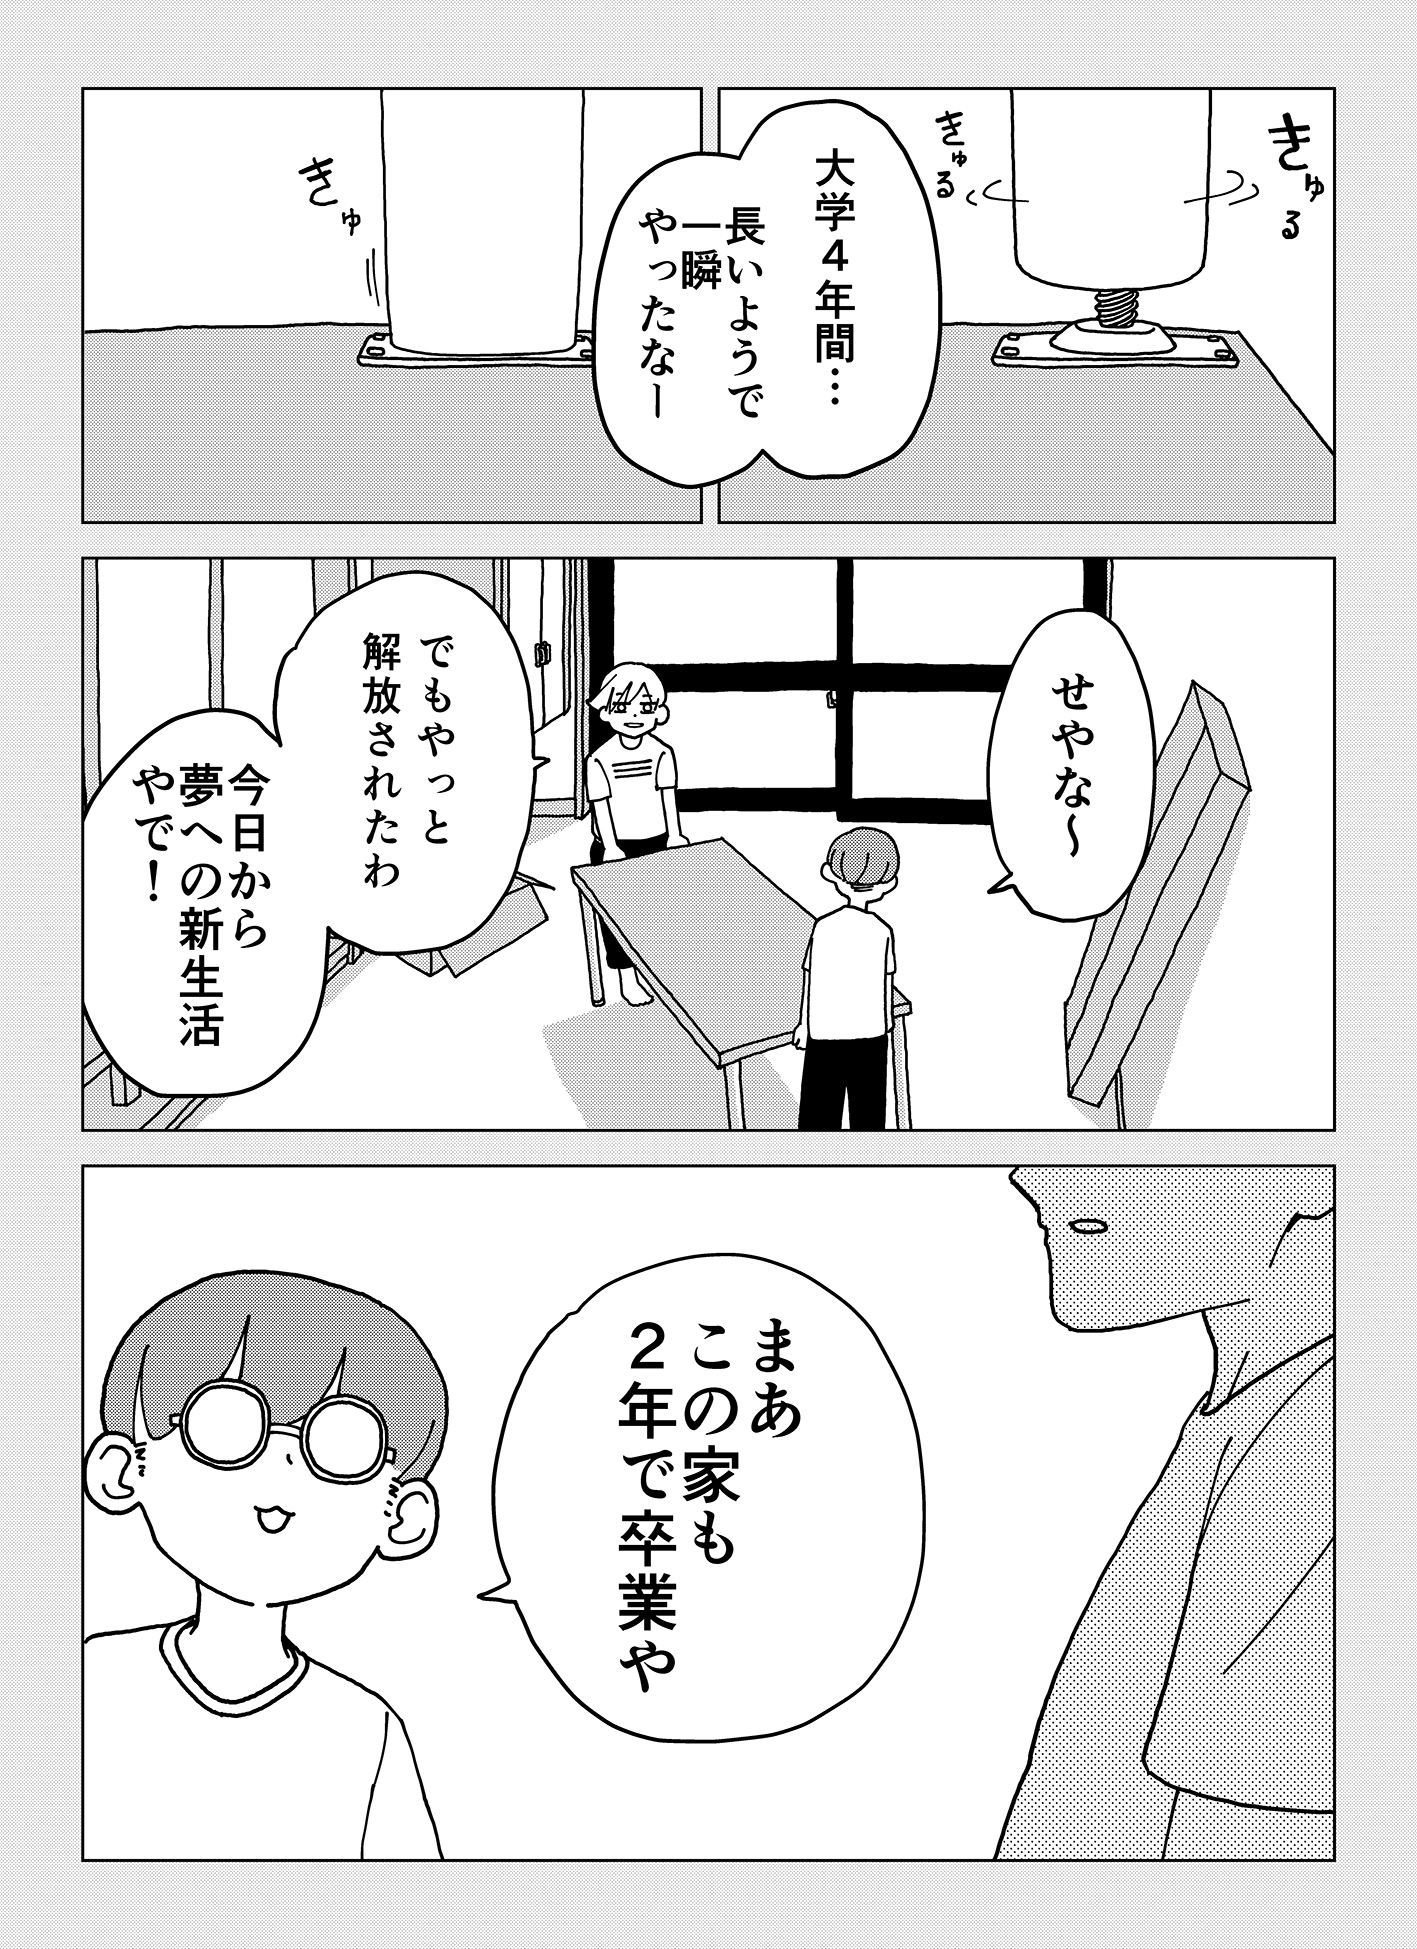 share_b_006